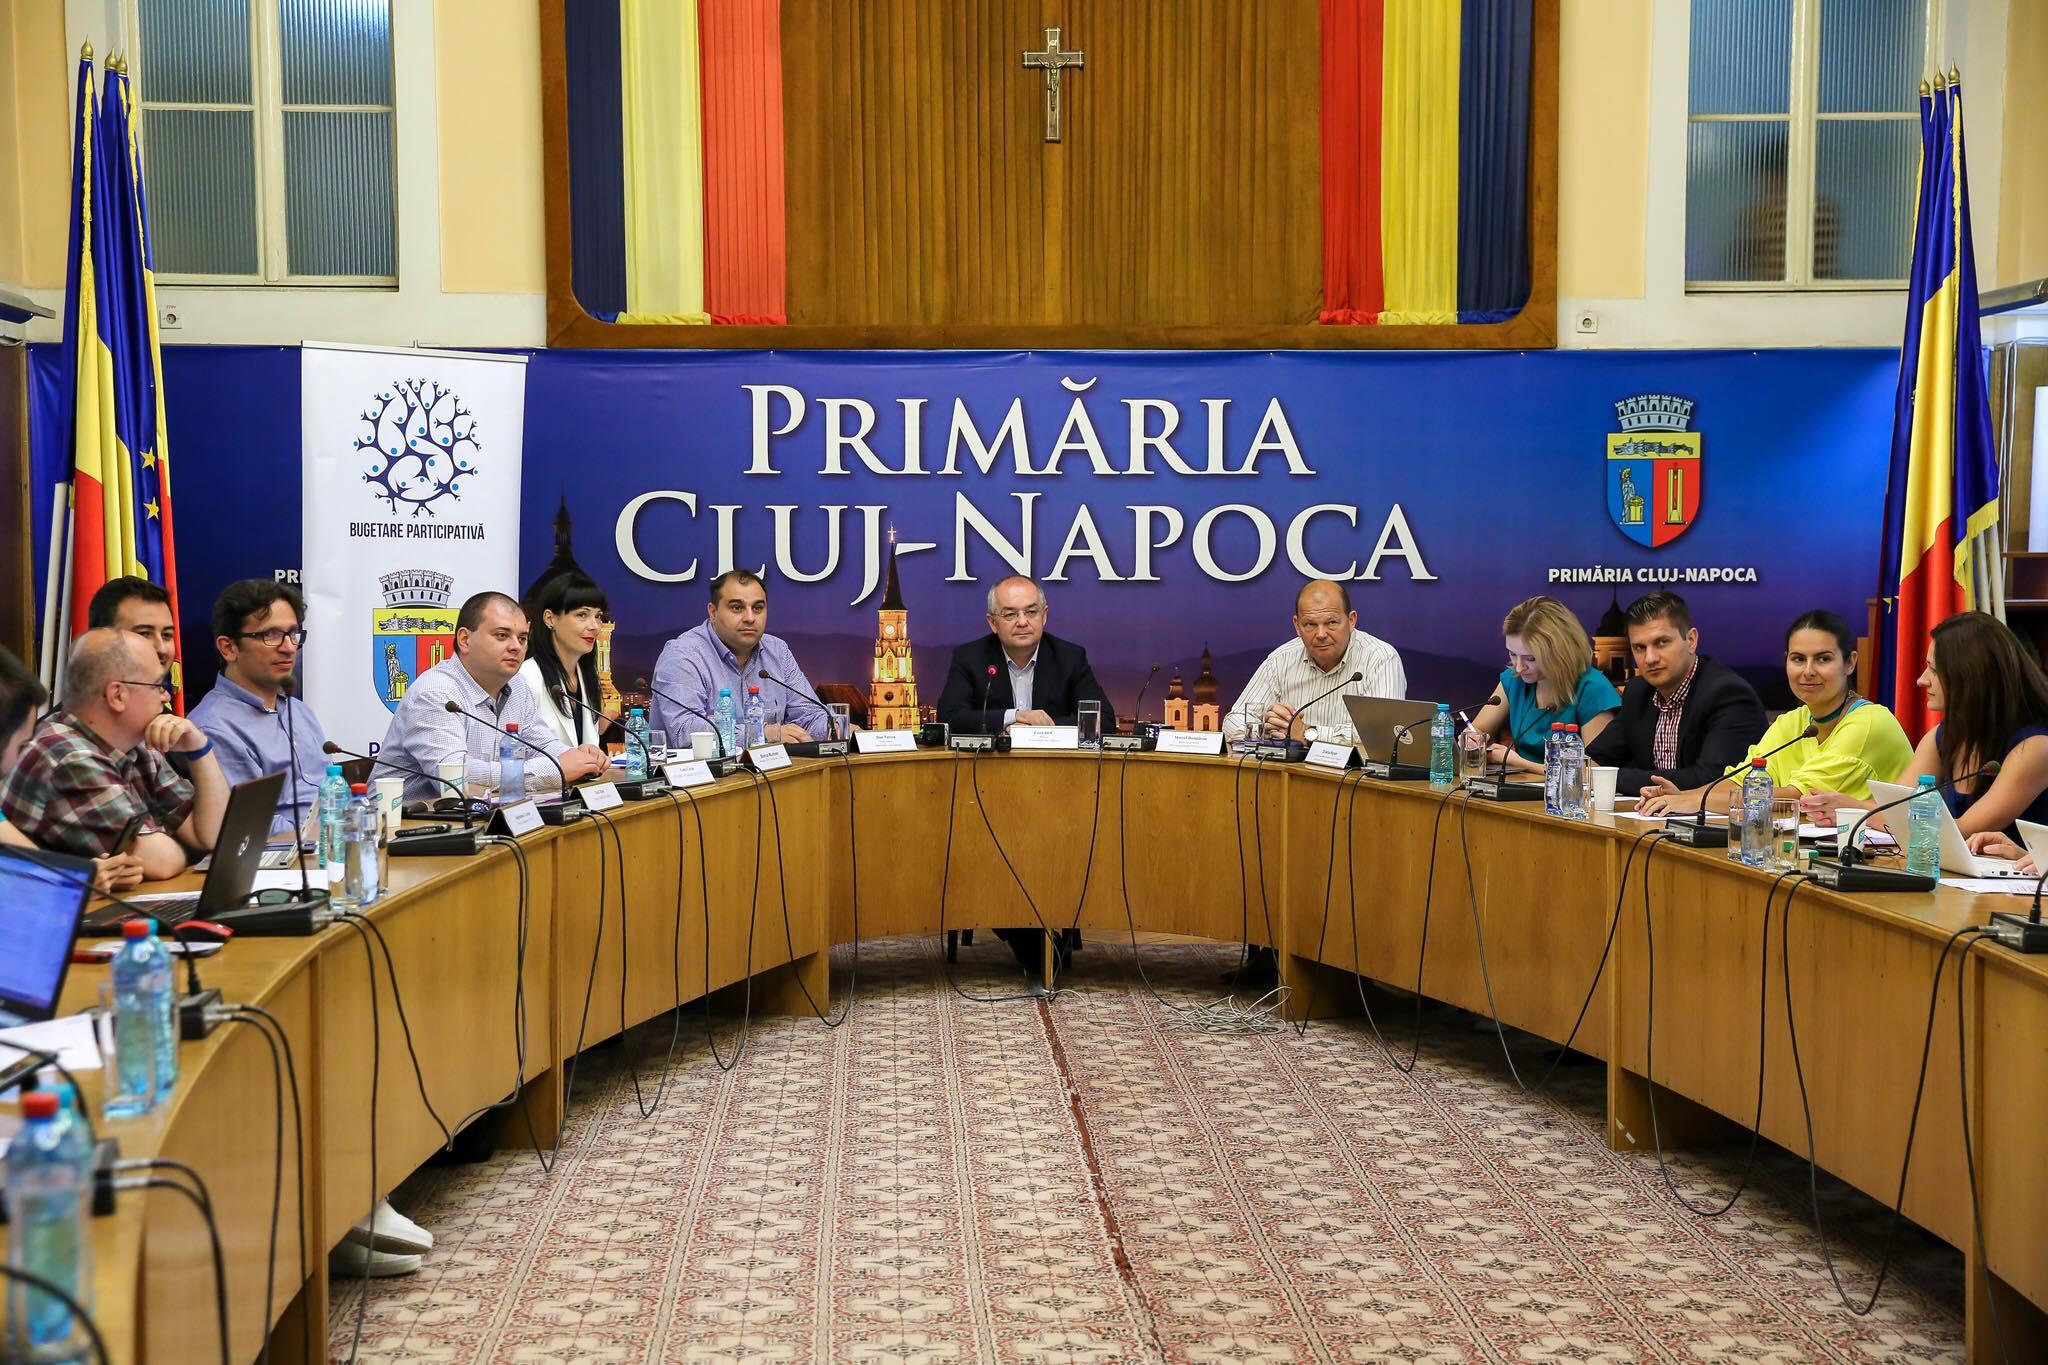 A fost aprobat bugetul pe 2018 al municipiului Cluj-Napoca, de 257 milioane de euro! Vezi ce investitii are in plan primaria in acest an?